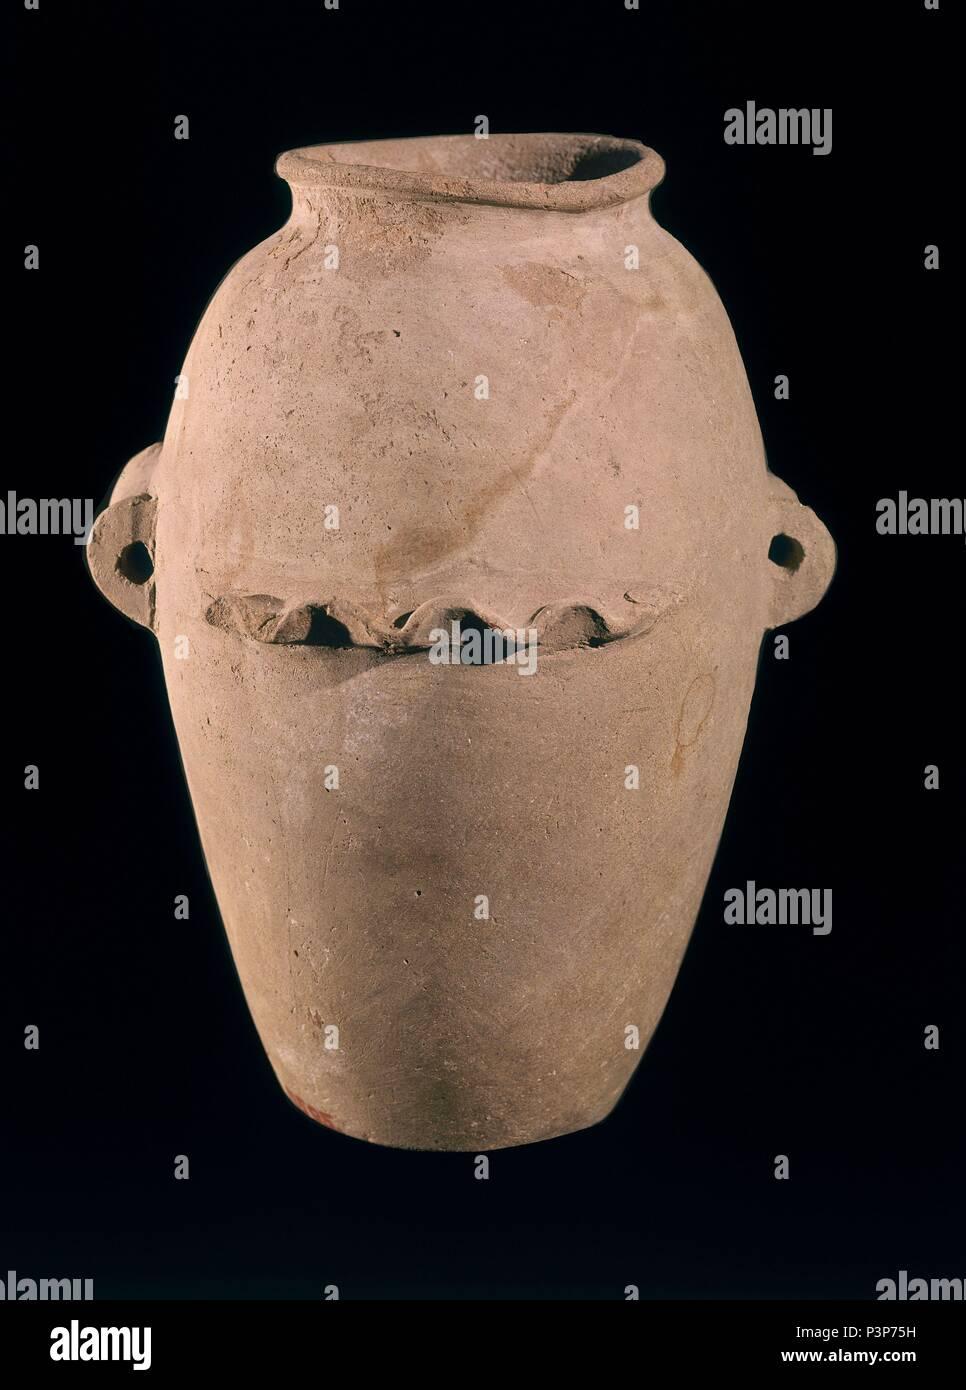 VASO DE terracota con orillo ondulado. NAGADA II. PERIODO GERZIENSE 3400 A.C. Ubicación: EL MUSEO EGIPCIO, KAIRO. Imagen De Stock